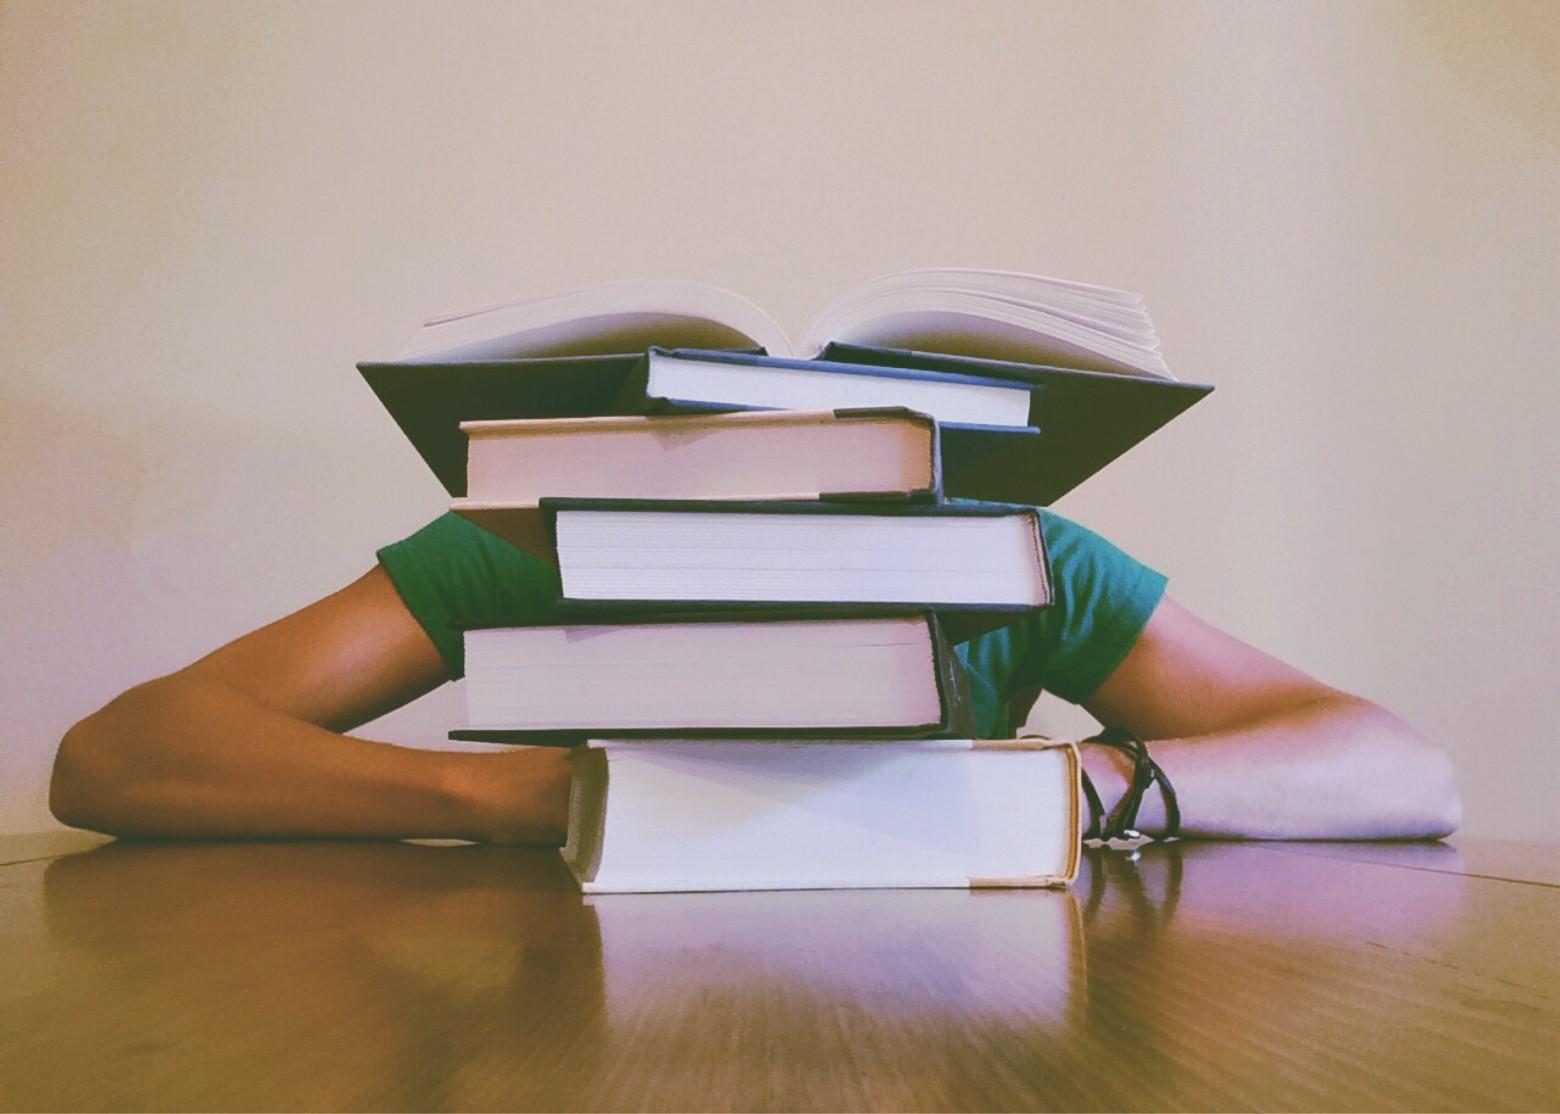 Très école étudiant livre | images gratuites et libres de droits JL49